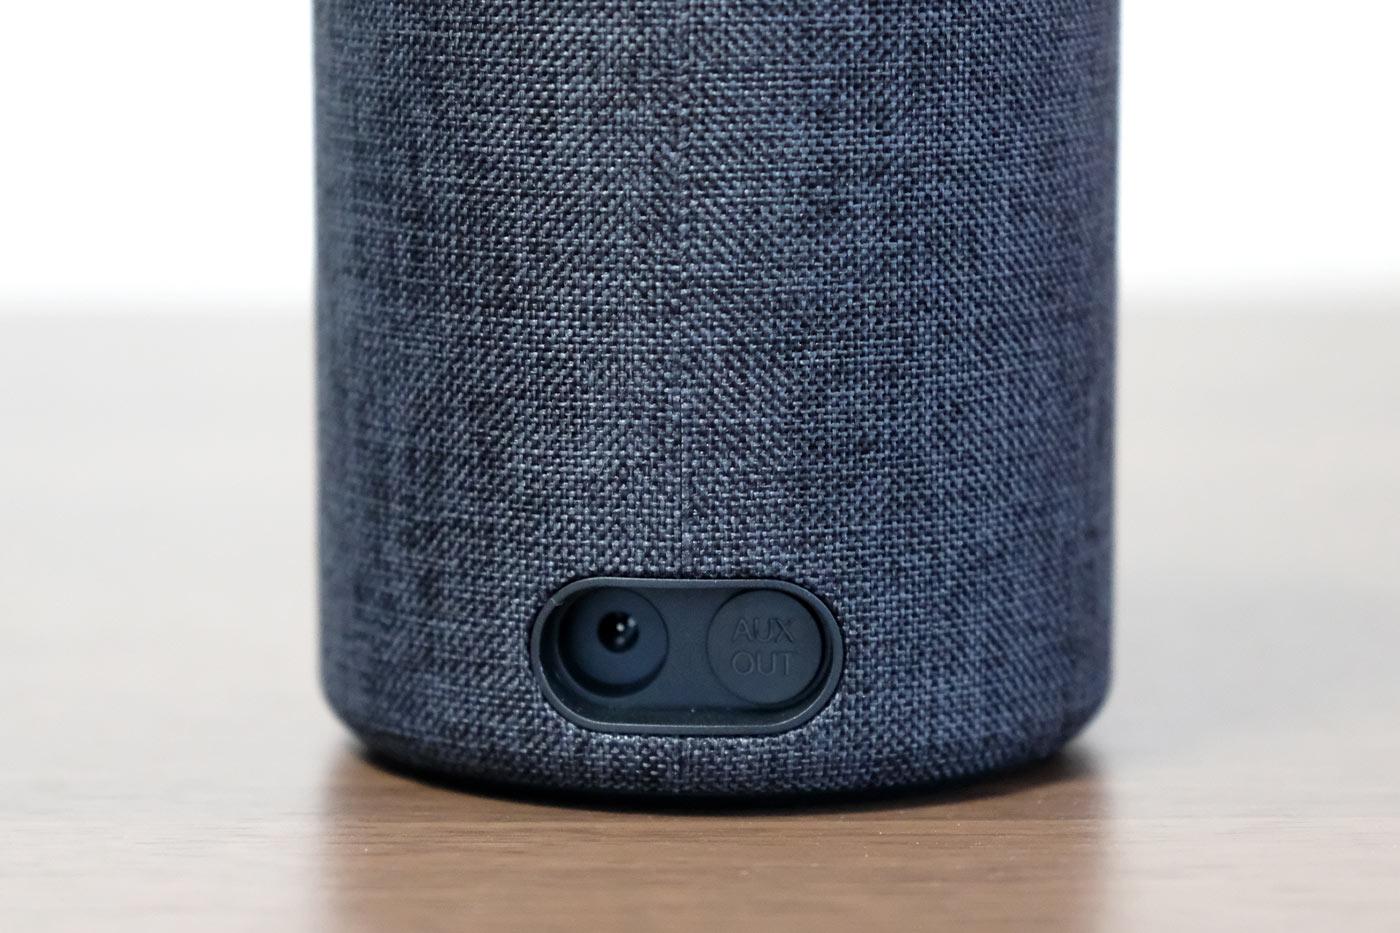 Amazon Echo 接続ポート